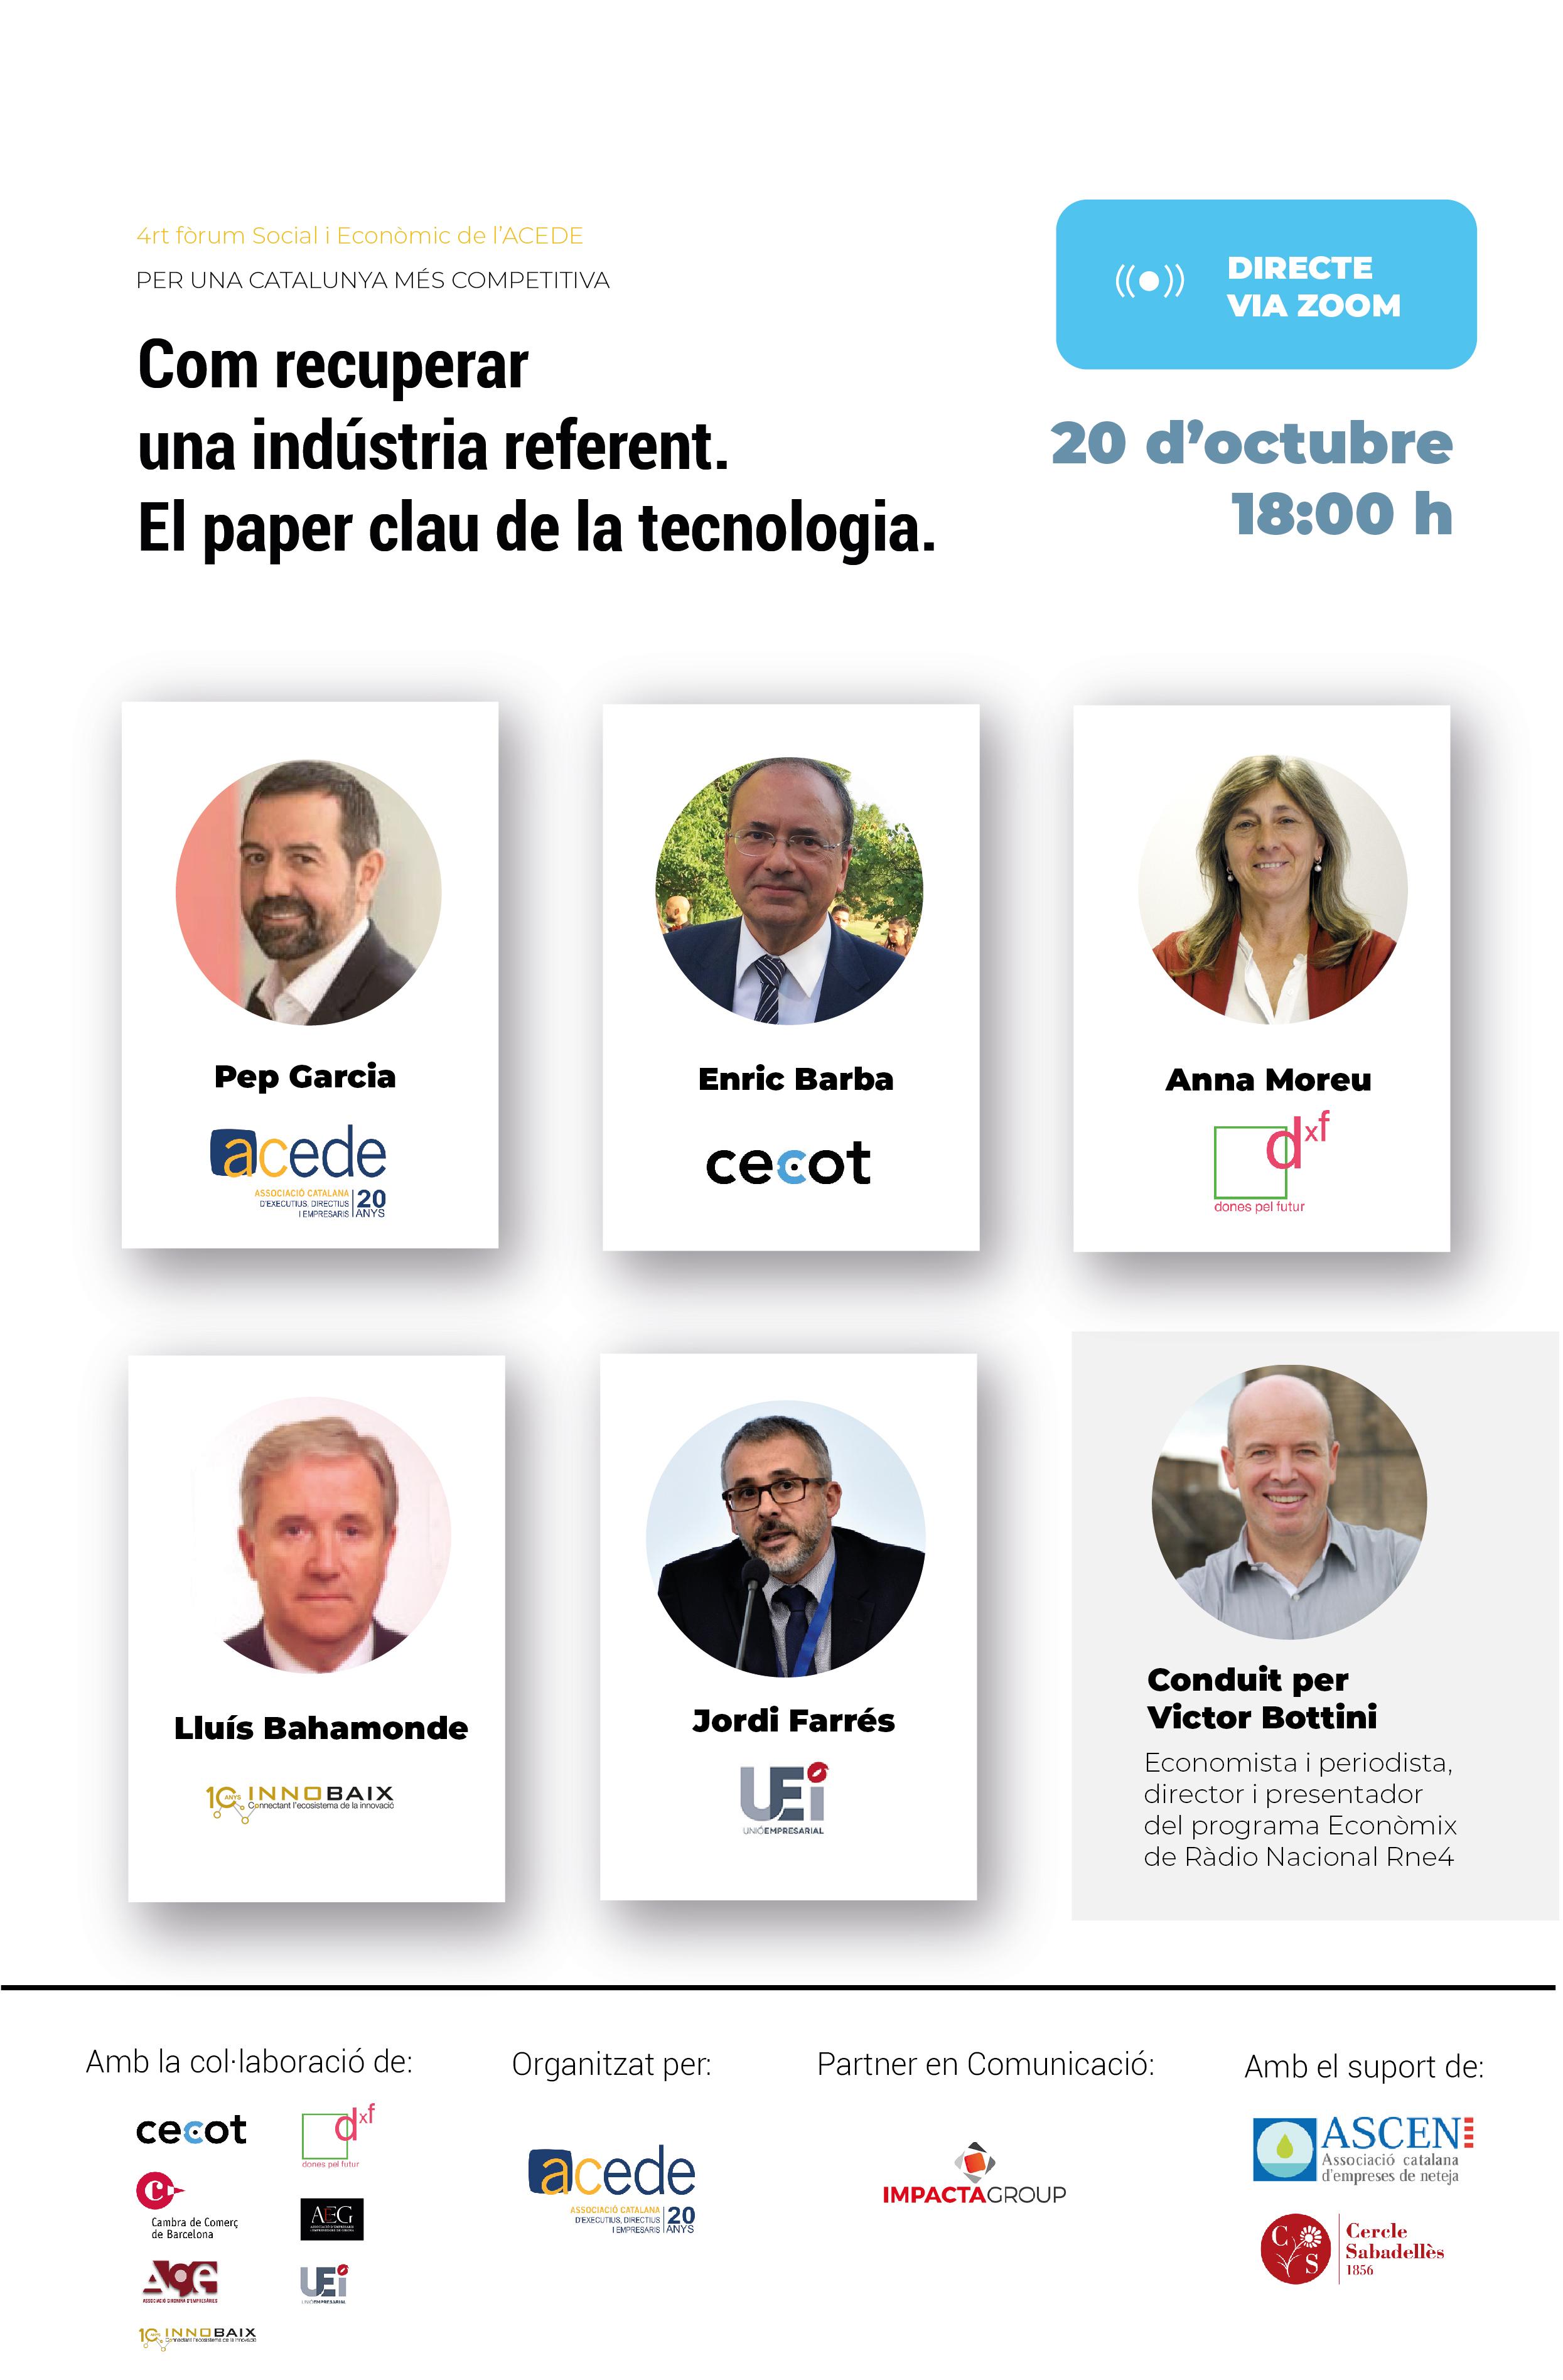 4t Fòrum social i econòmic ACEDE | Com recuperar una indústria referent. El paper clau de la tecnologia.